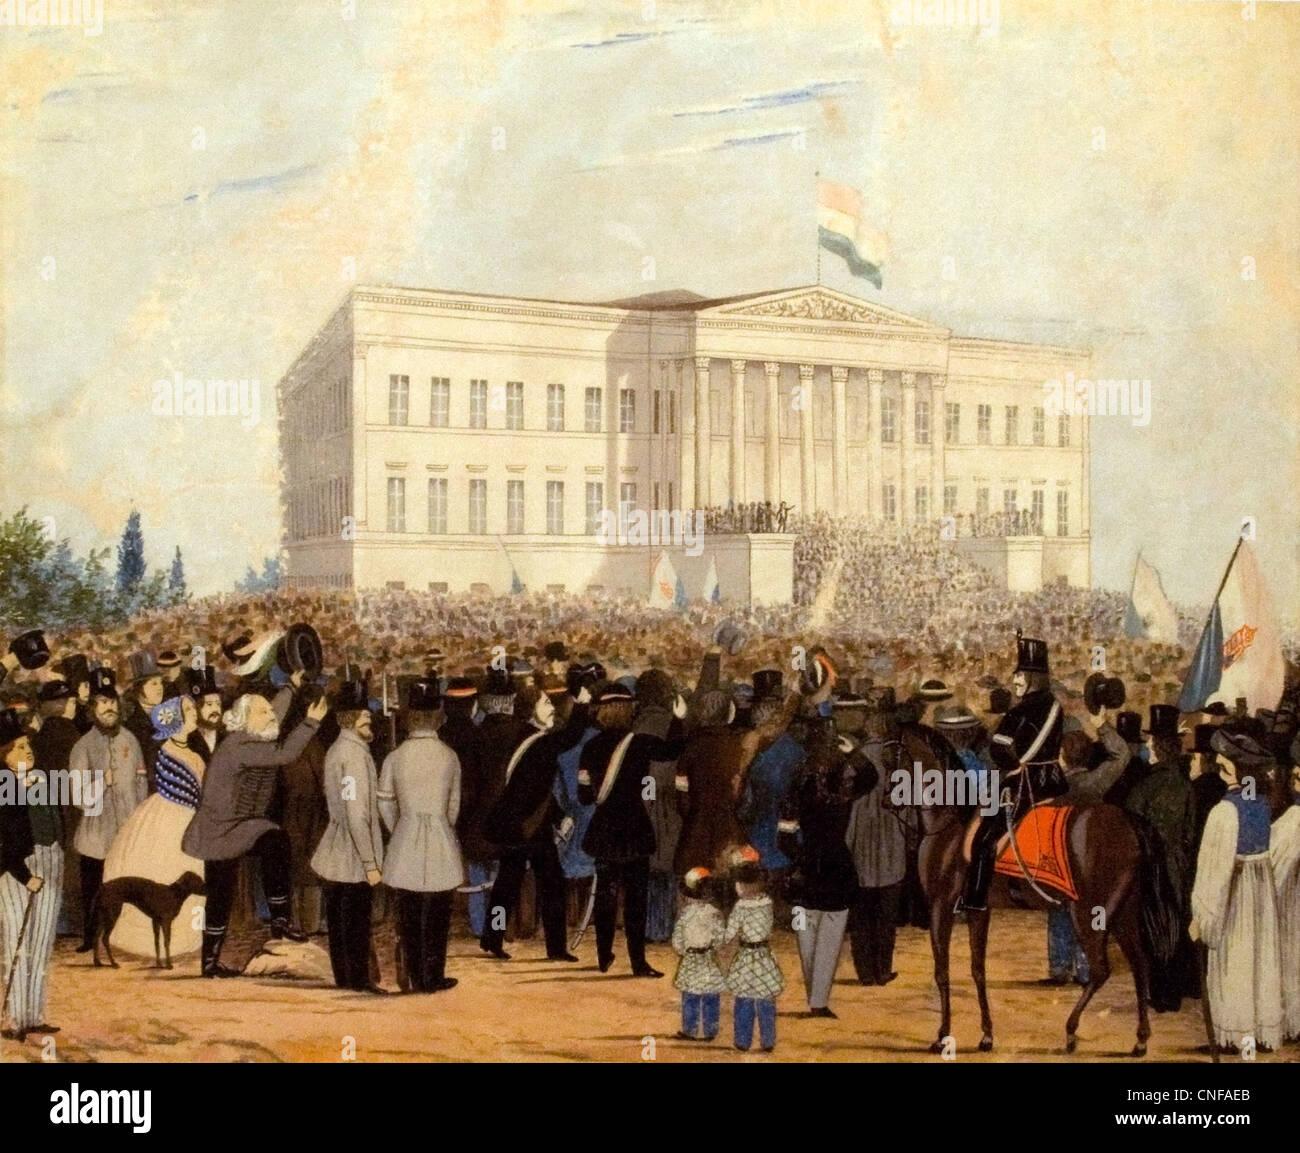 Rassemblement devant le Musée National, le 15 mars 1848 Photo Stock